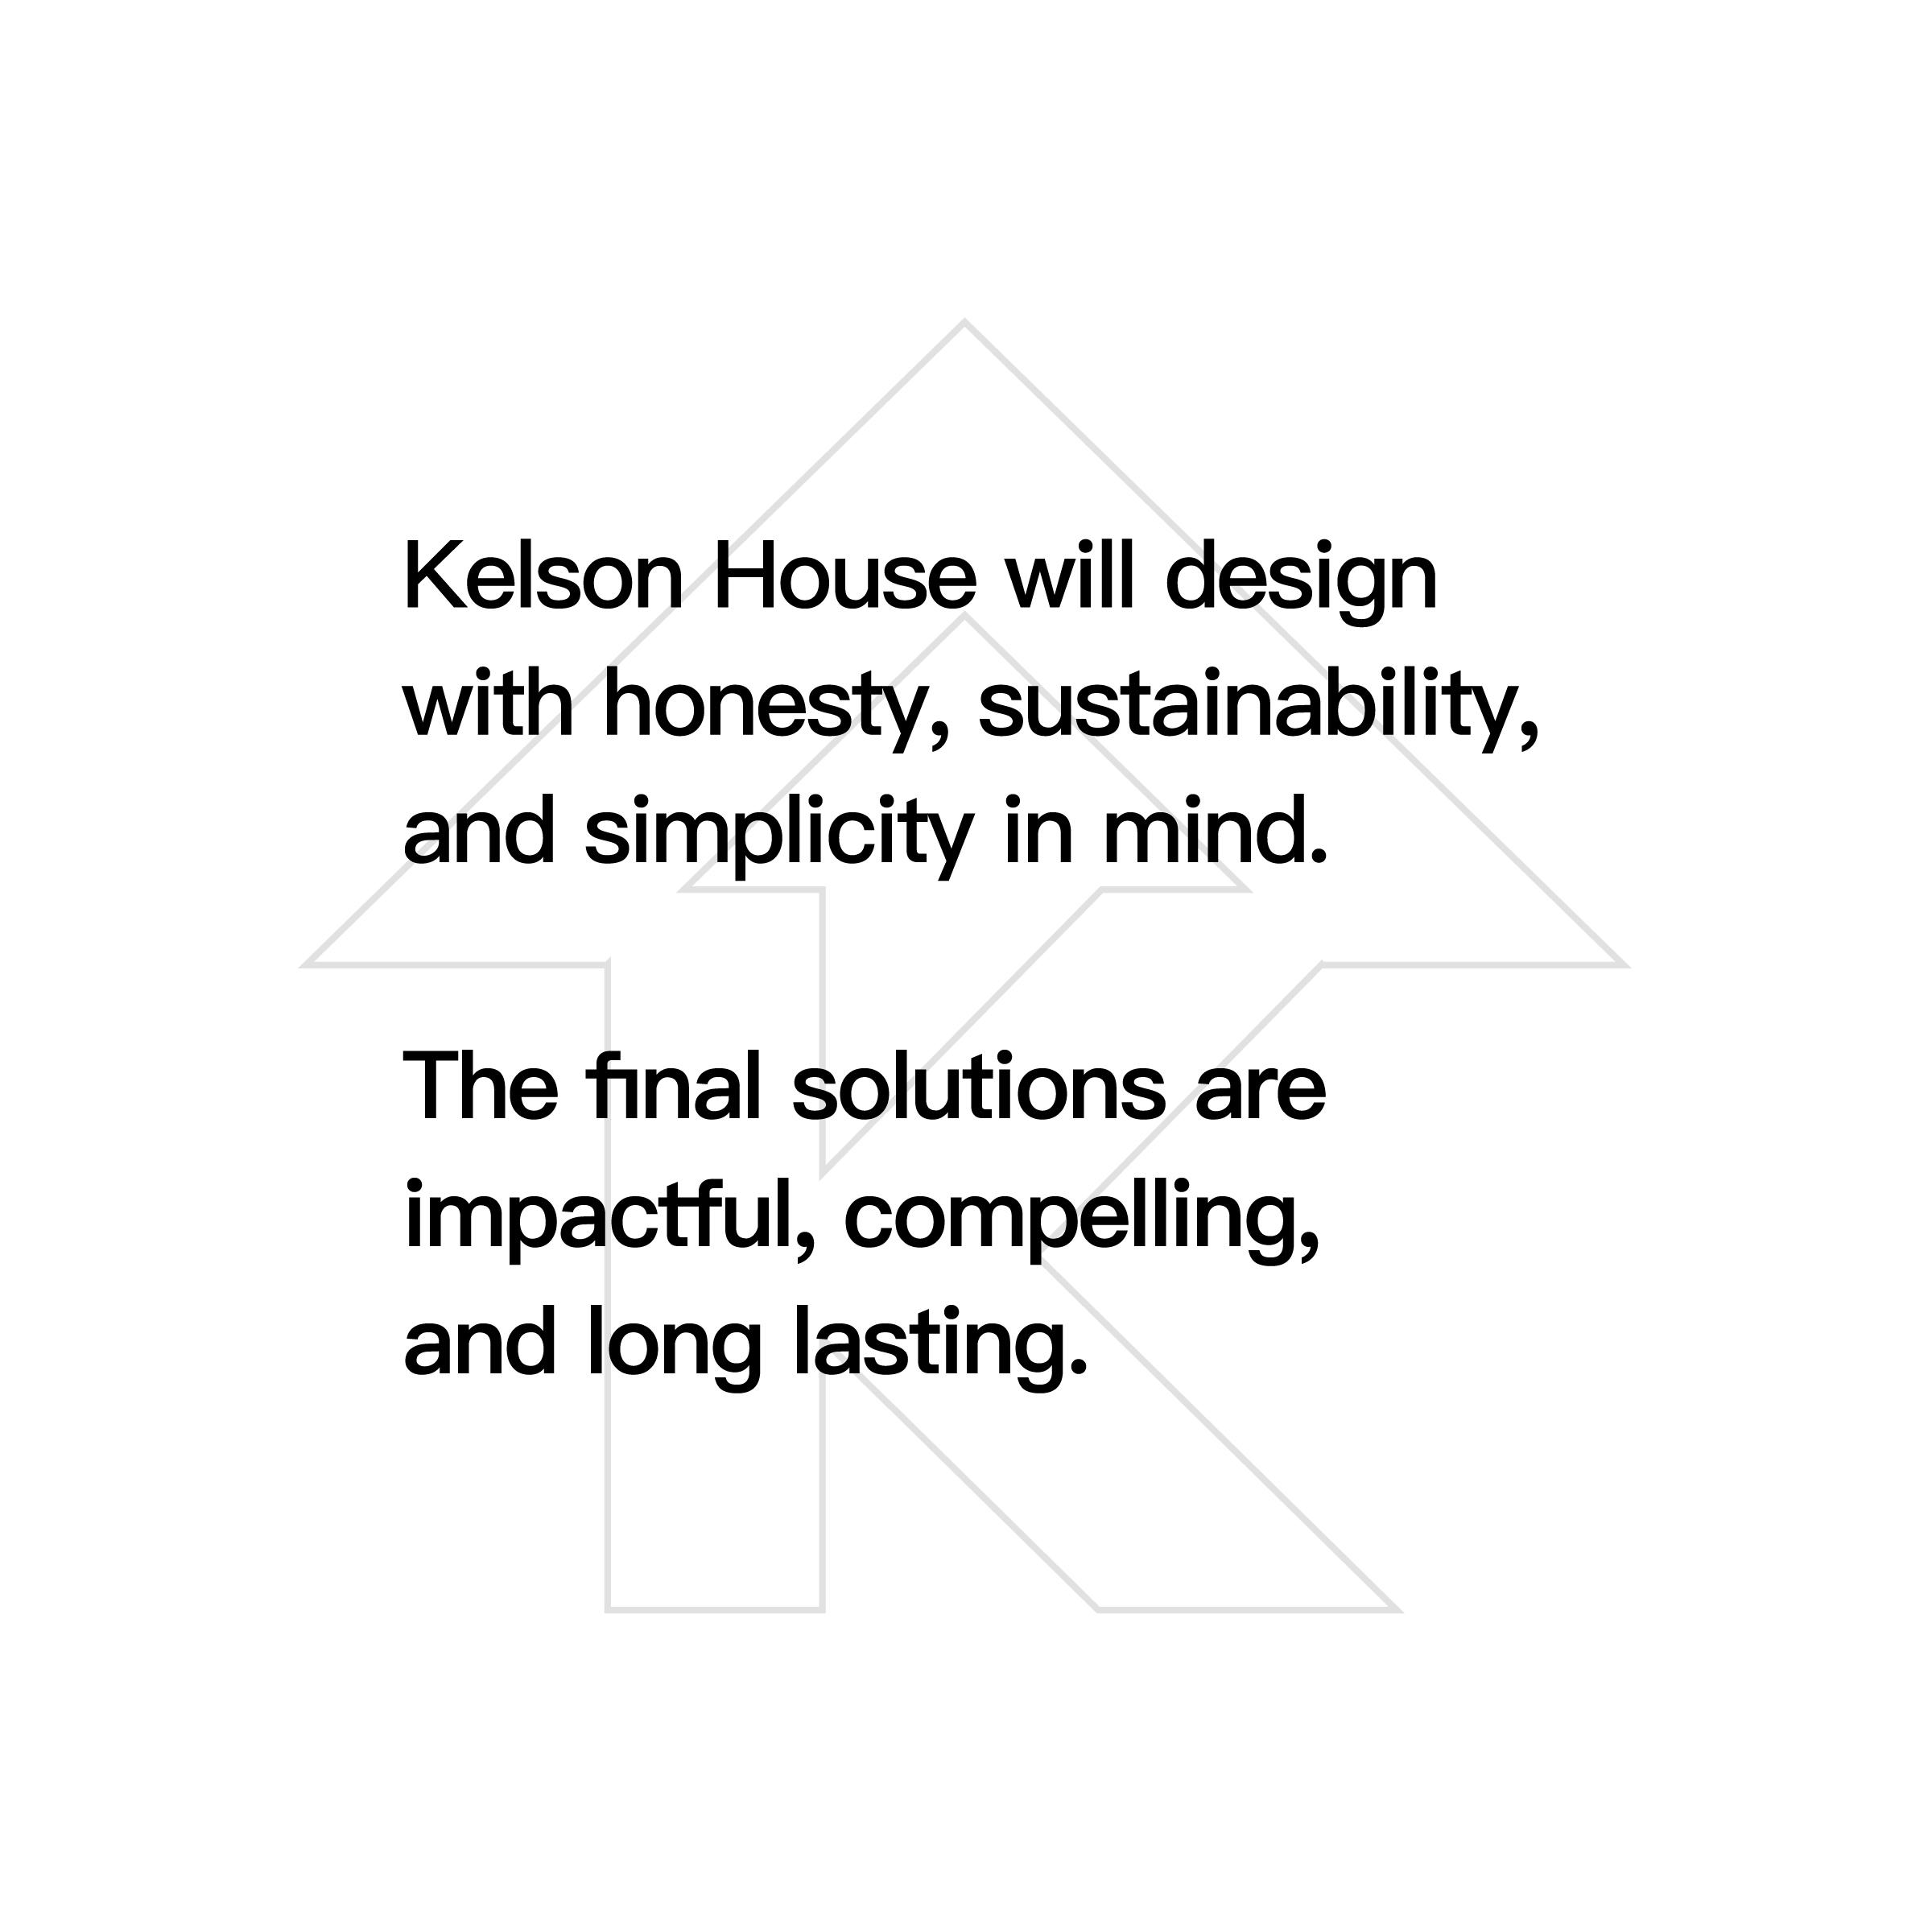 KelsonHouse_BrandBook-19